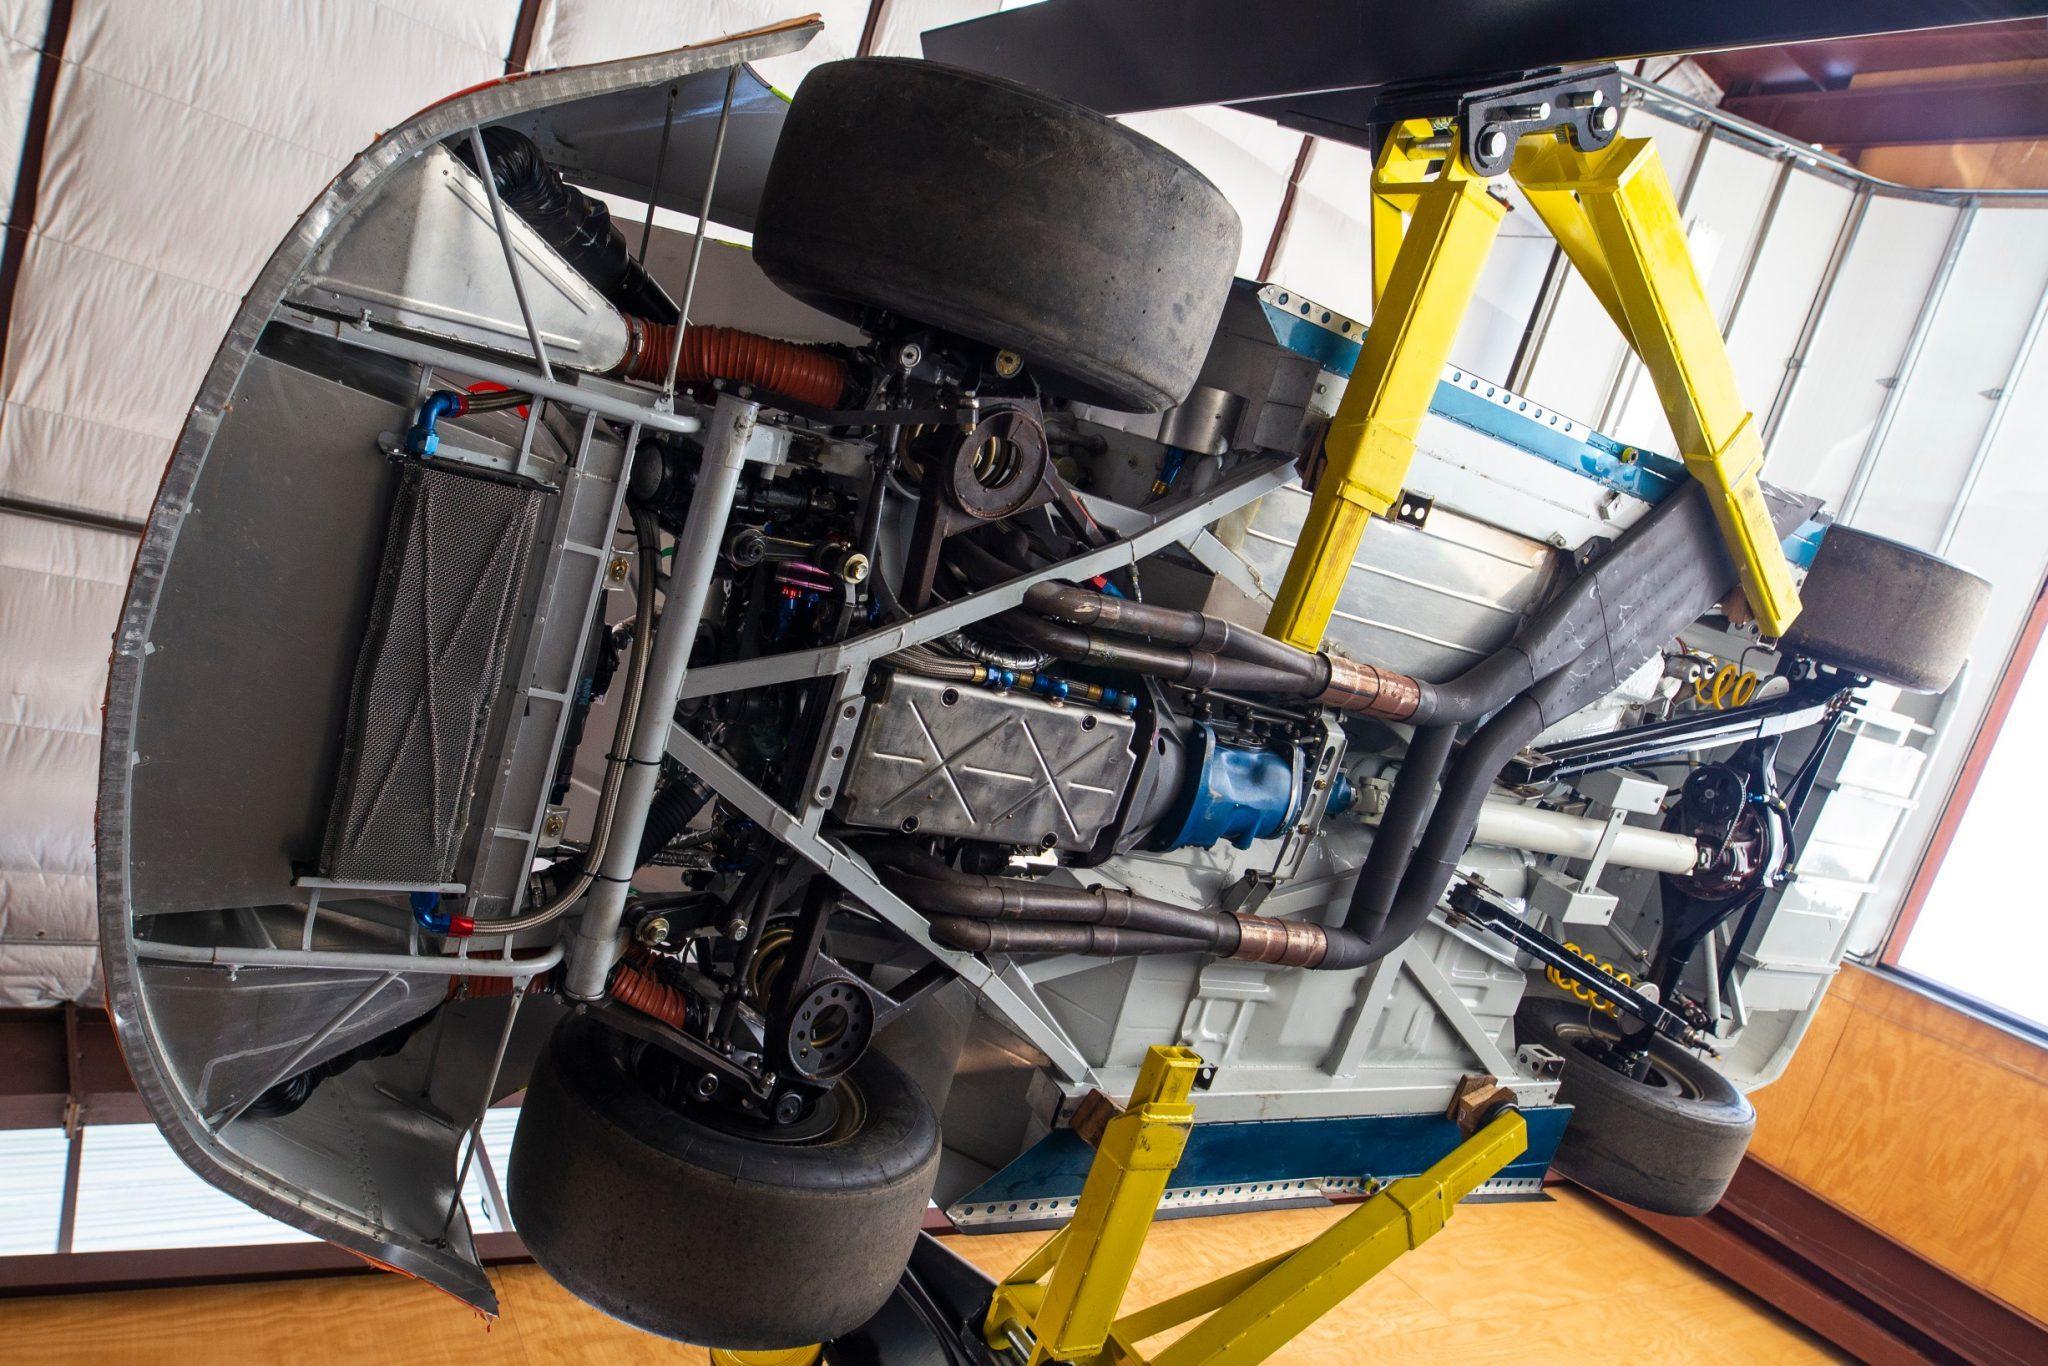 Under the 1997 Jeff Gordon machine